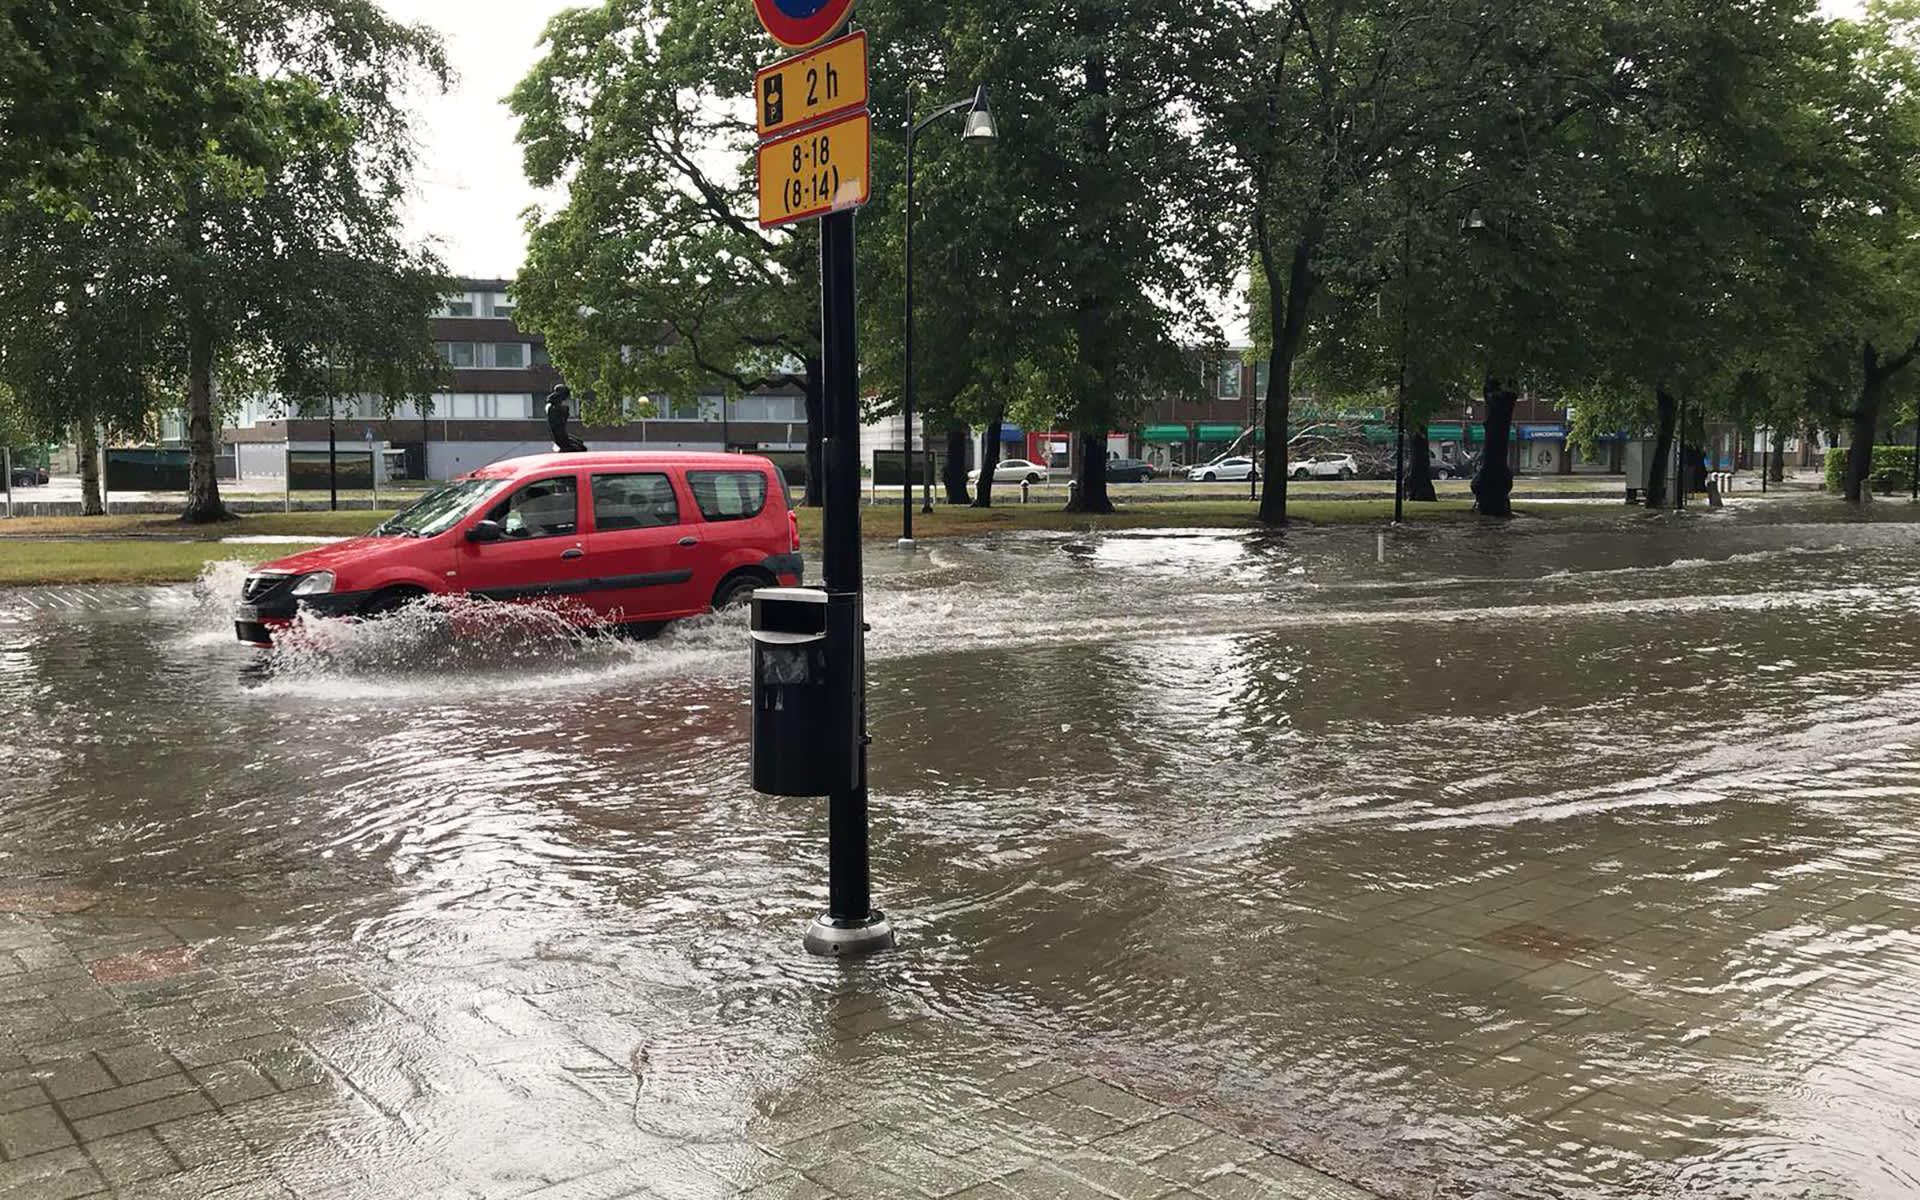 Rankkasade nosti vettä kaduille Raumalla 30. heinäkuuta